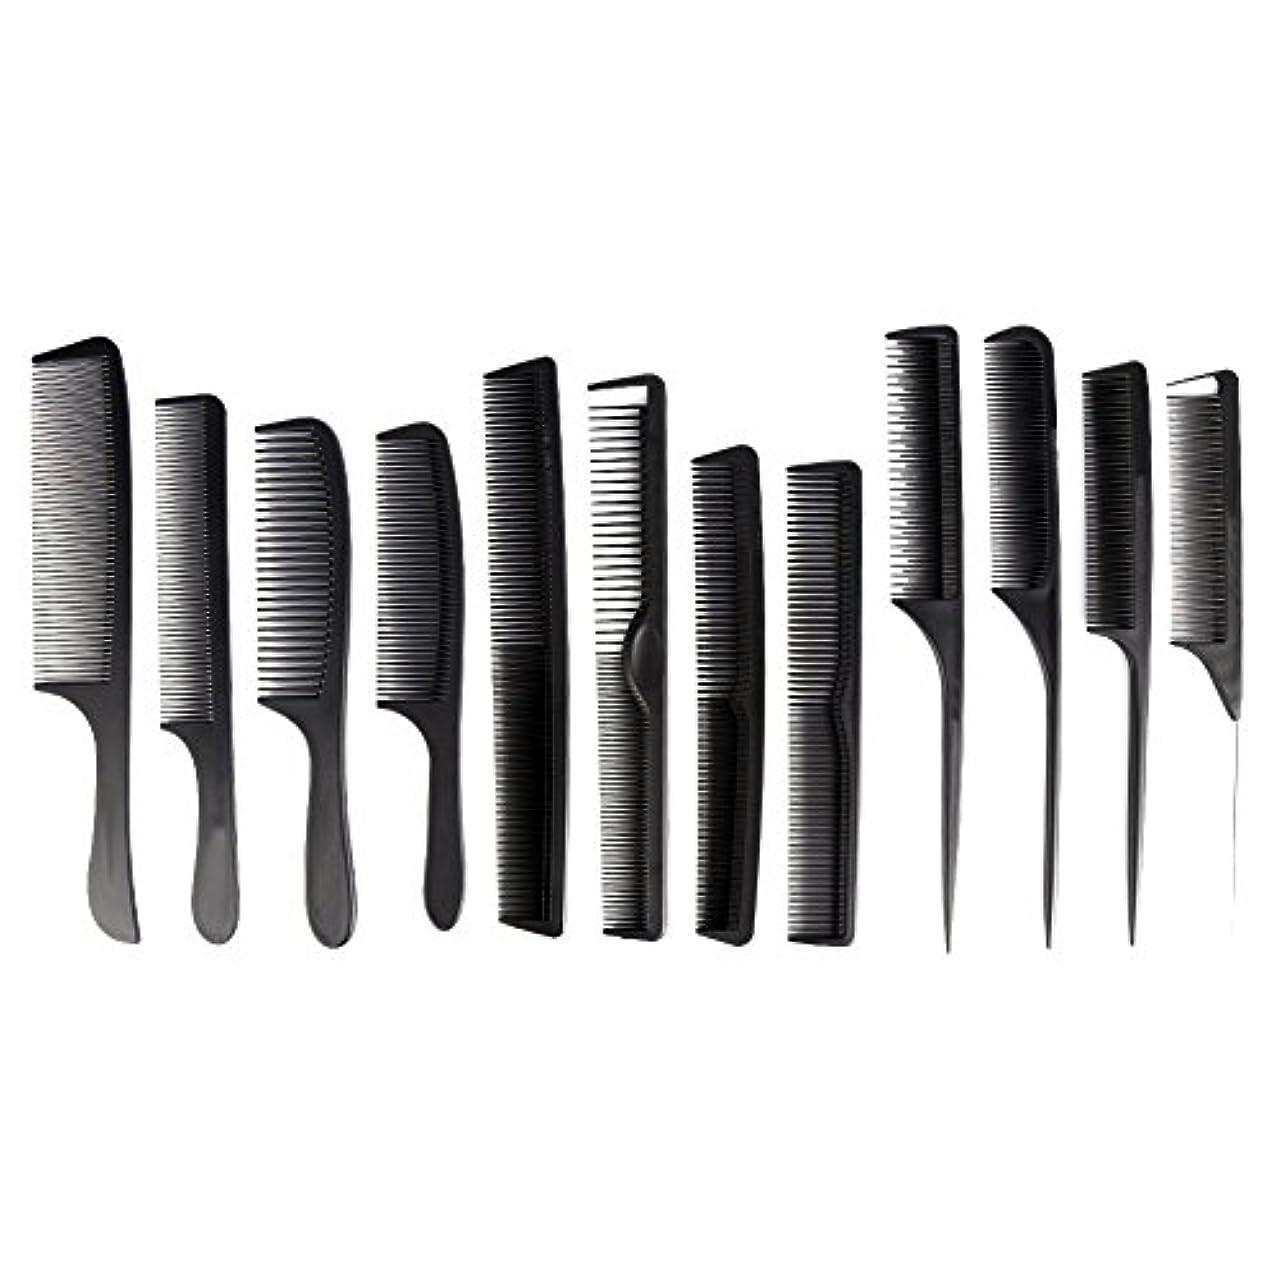 間に合わせ次すきカットコーム 散髪用コーム コームセット12点セット プロ用ヘアコーム  静電気減少 軽量 サロン/美容室/床屋など適用